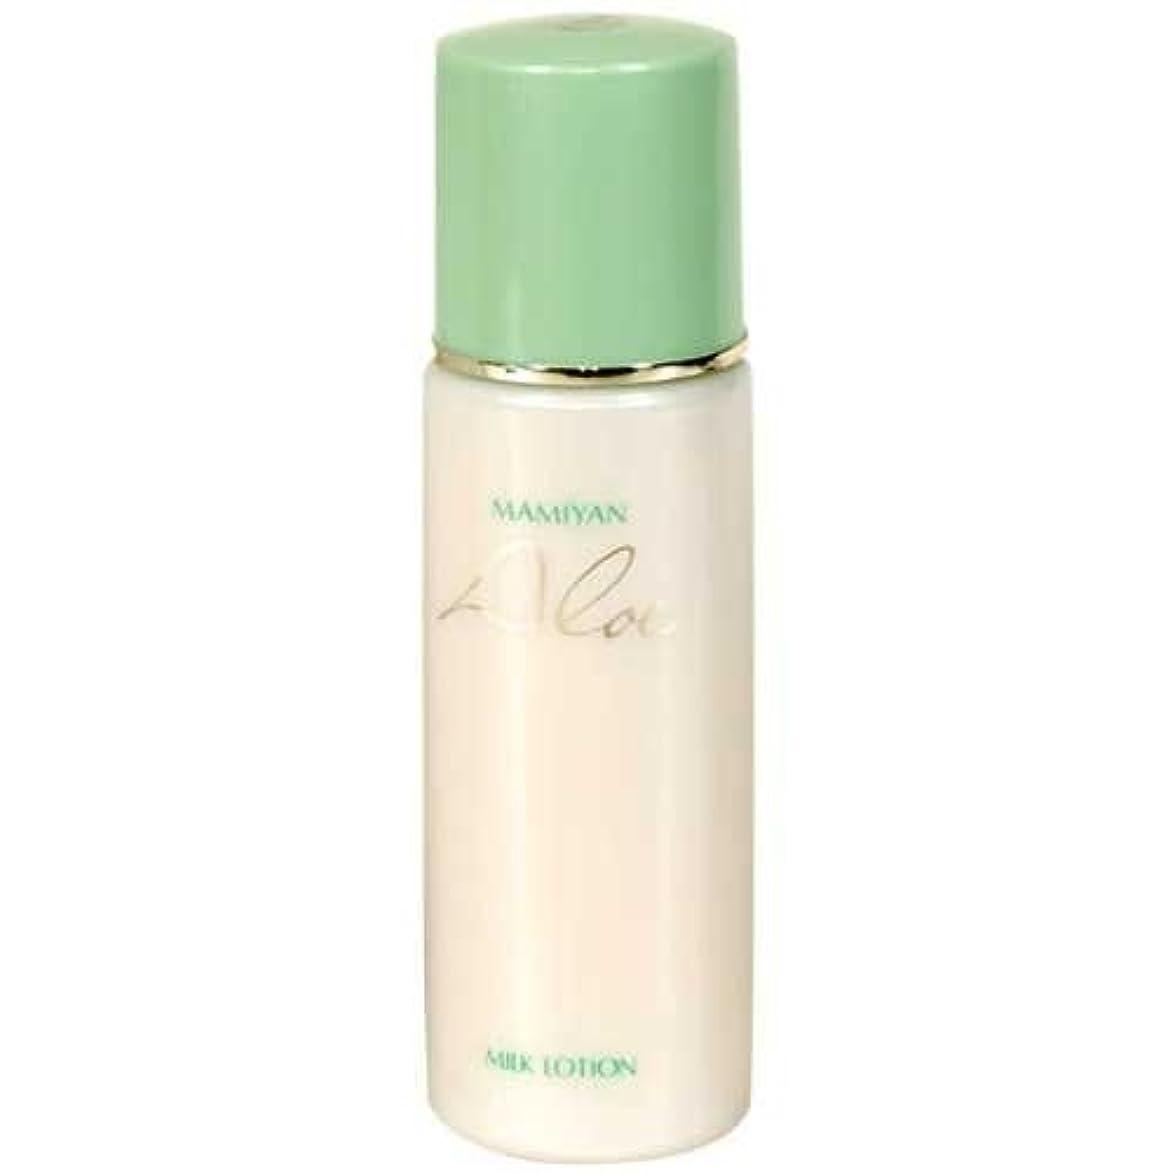 環境保護主義者黒人スティーブンソンマミヤンアロエ基礎化粧品シリーズ アロエミルクローション 120ml さっぱりとした乳液